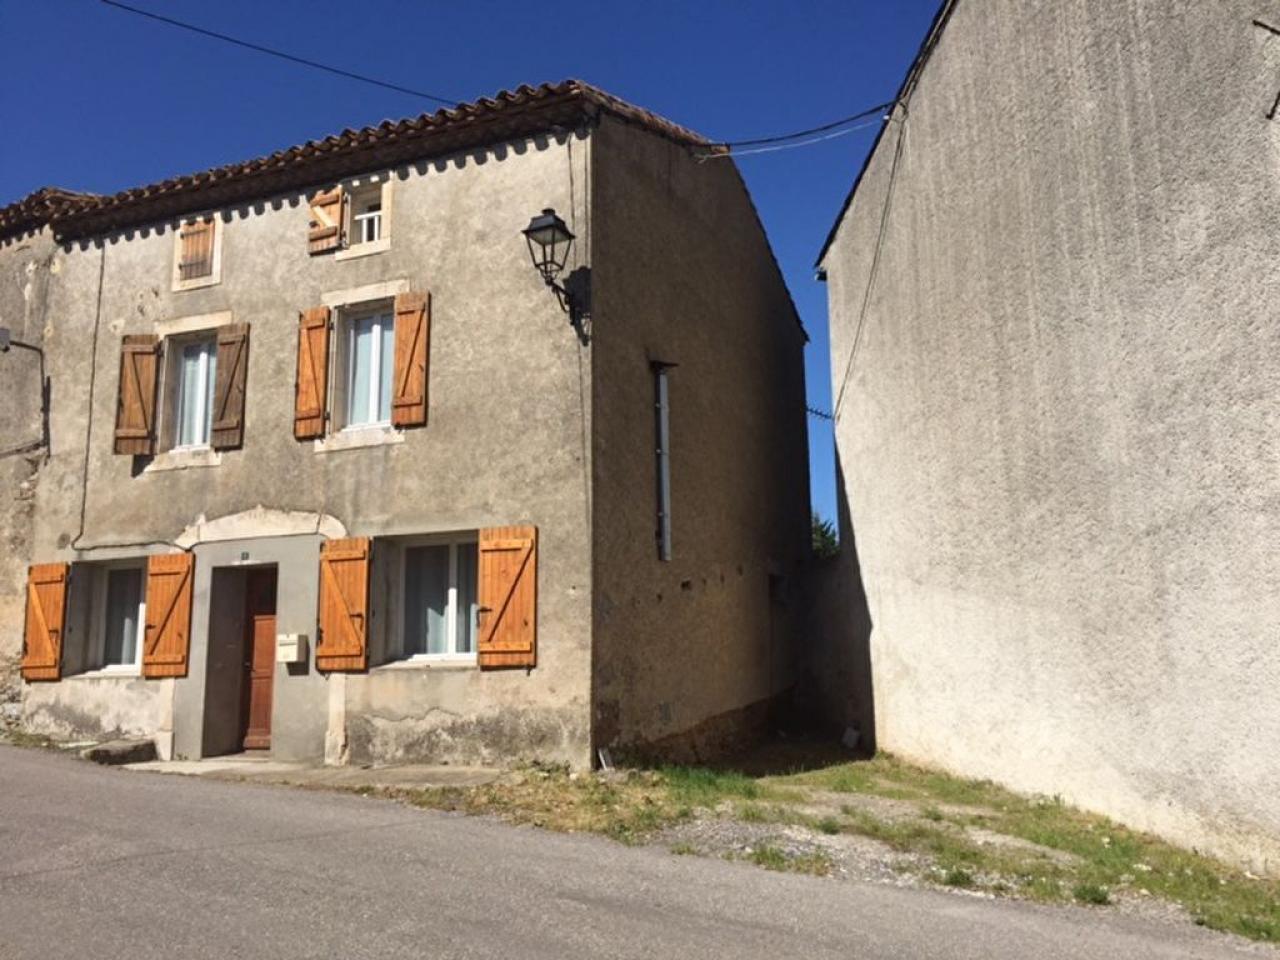 House CABARDES | 134 000 €